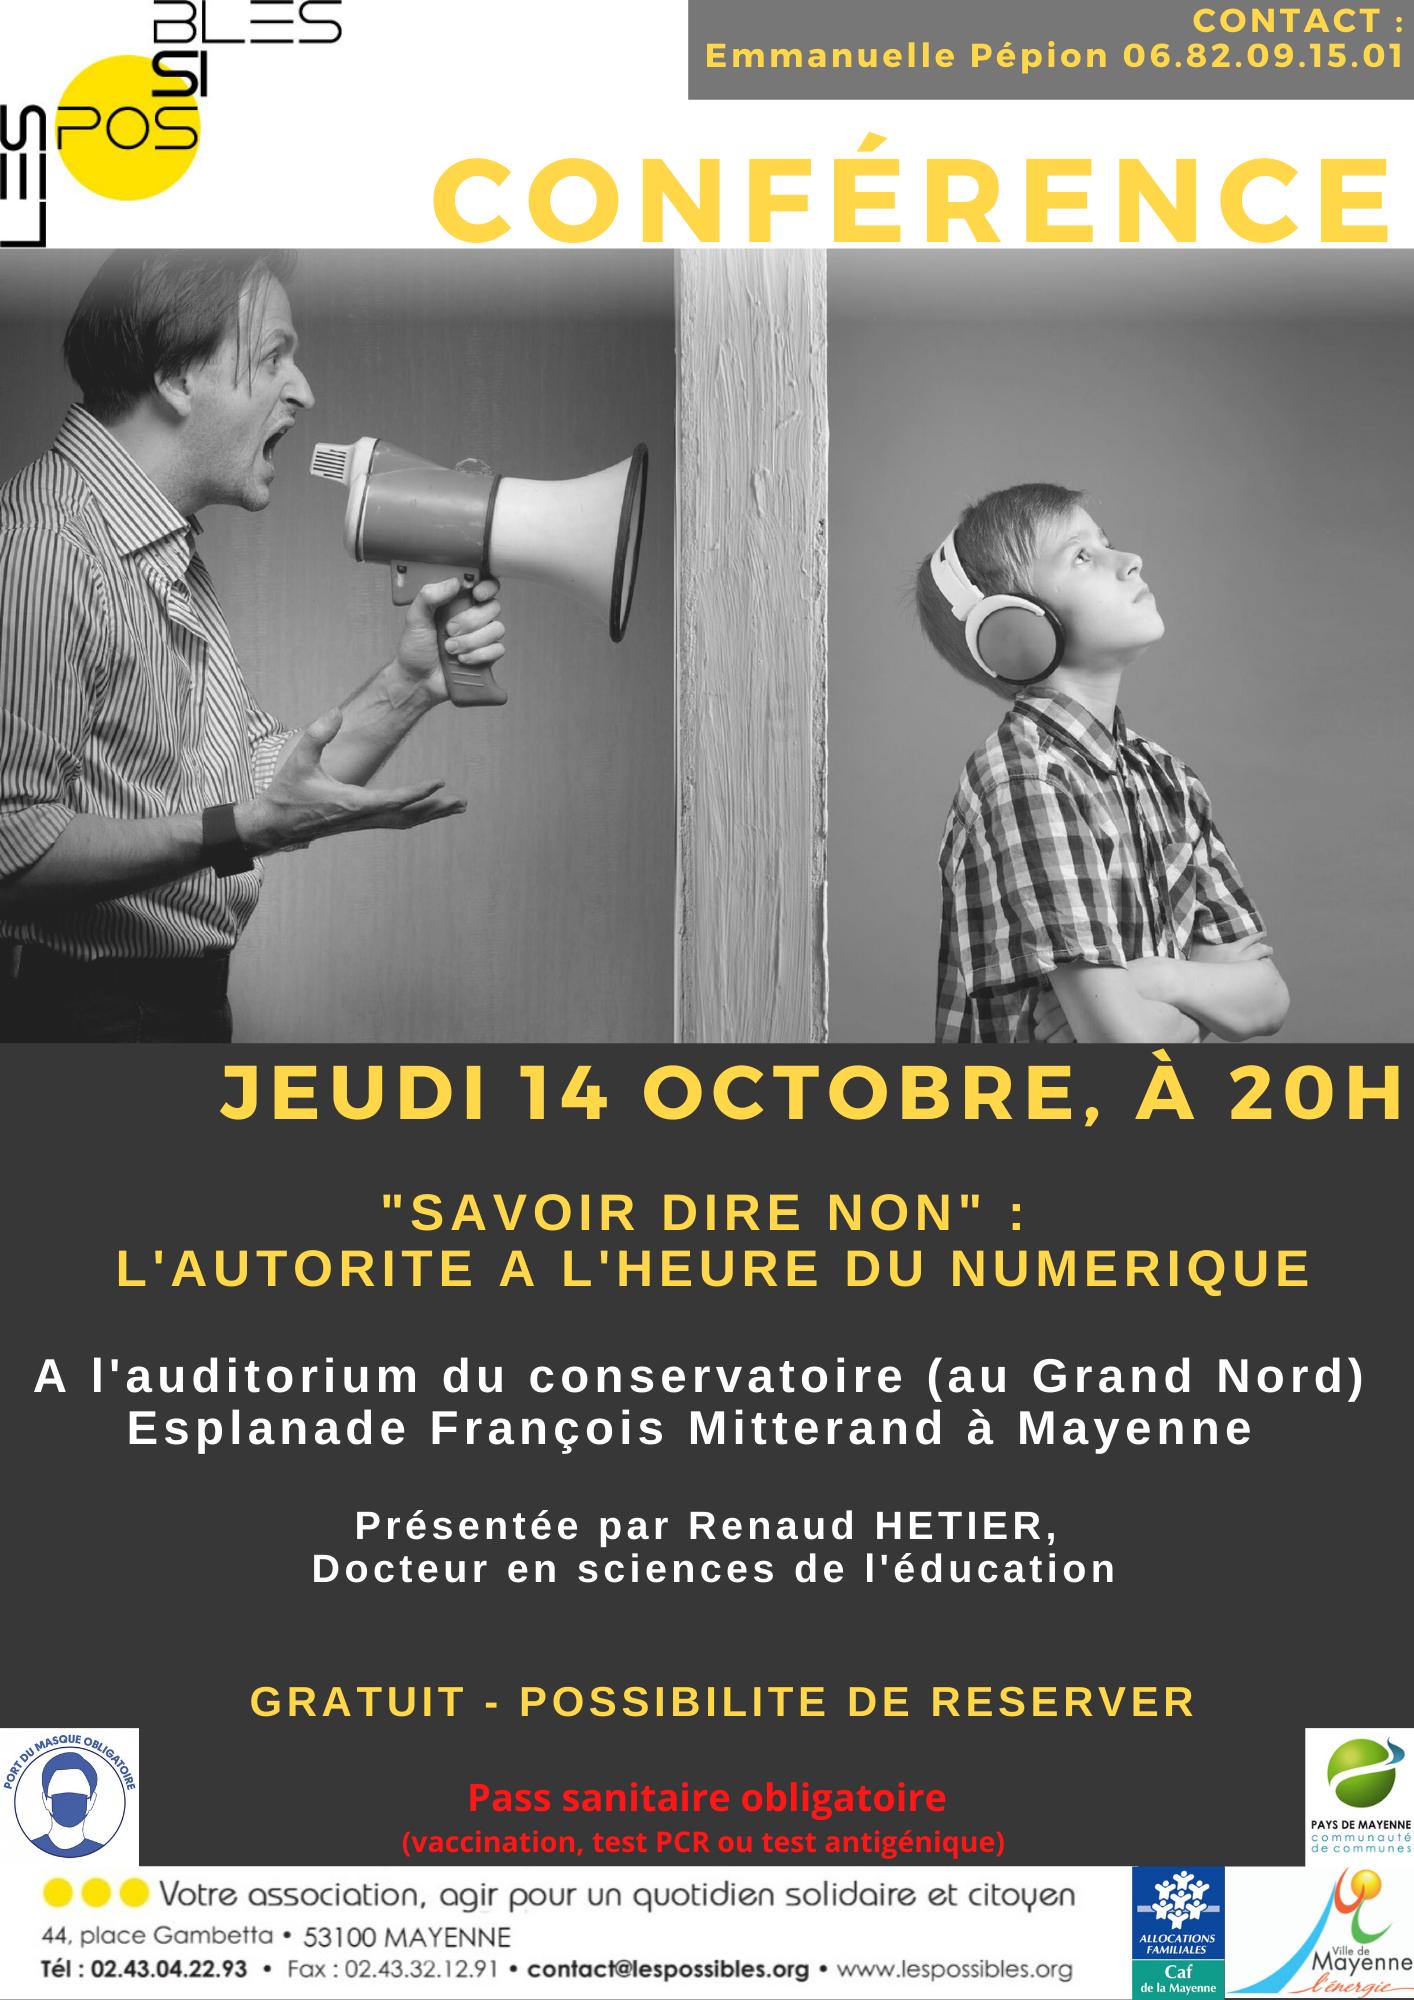 """Conférence """"Savoir dire non : l'autorité à l'heure du numérique"""" @ Le Grand Nord - Auditorium"""